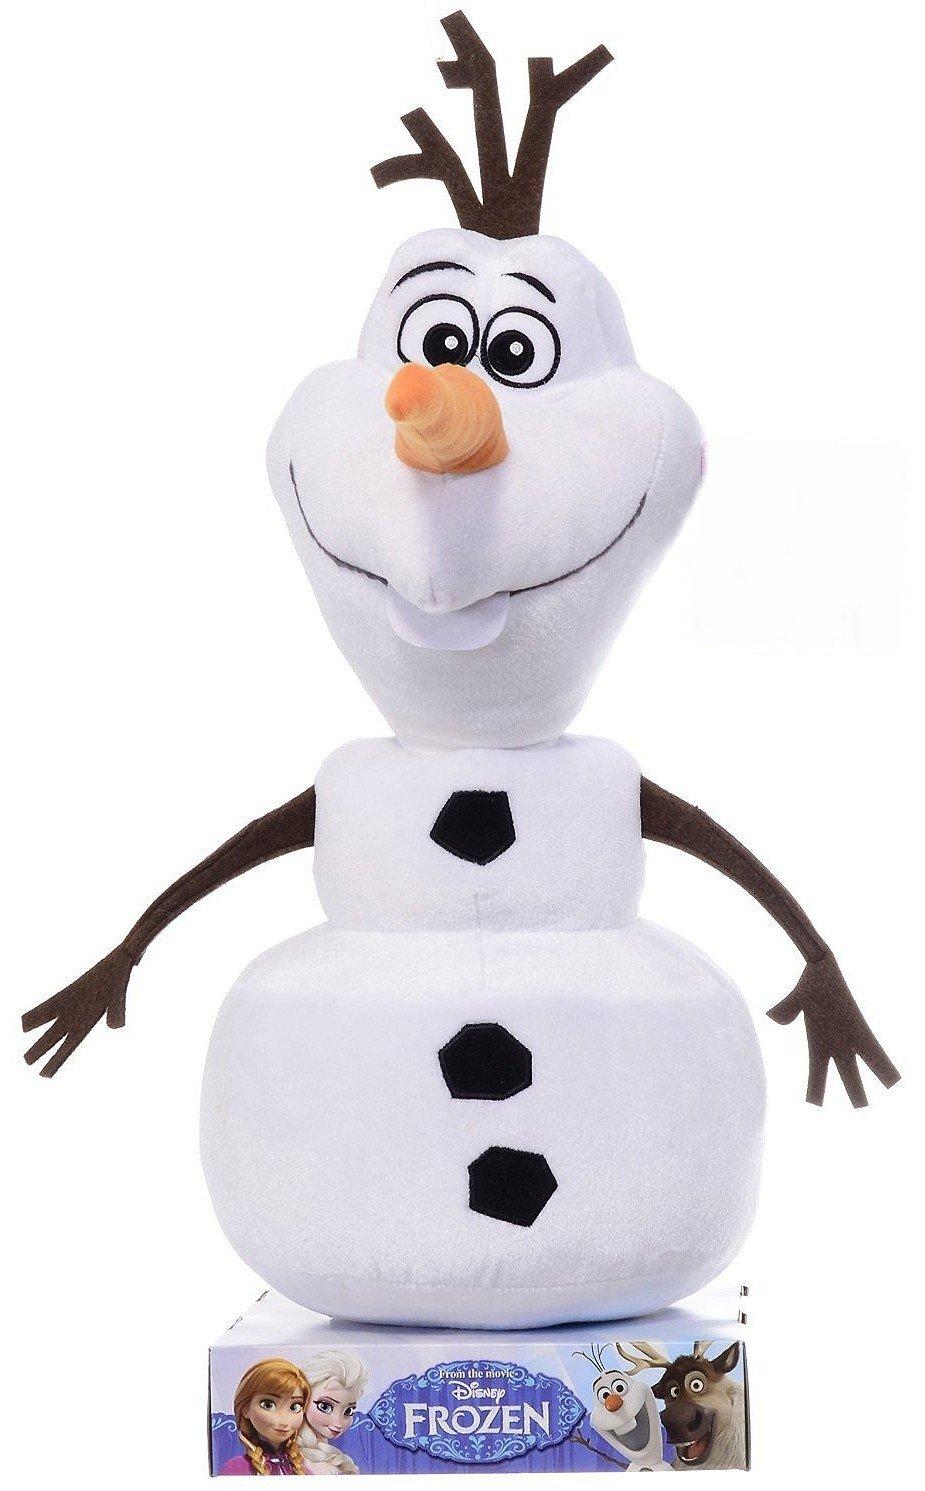 La Reine des Neiges Olaf le bonhomme de neige disney peluche figurine 65 cm GRANDE XXL Frozen peluche en peluche: Amazon.es: Juguetes y juegos